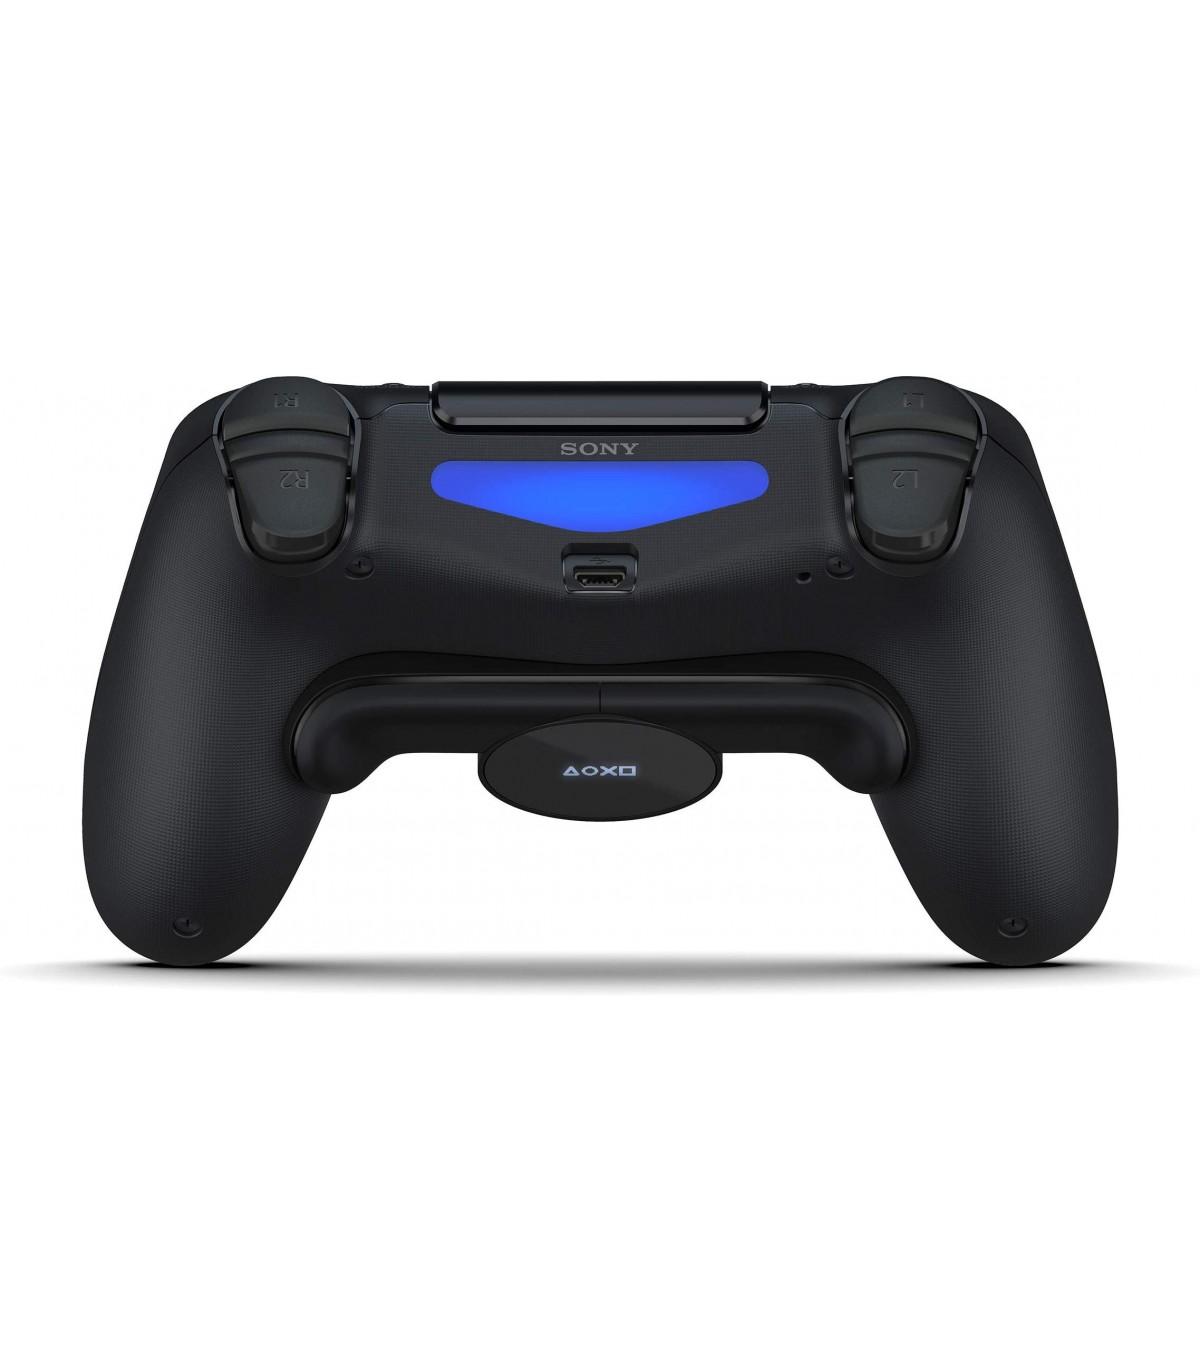 دکمه افزودنی پشتی دسته DualShock 4 - پلیاستیشن 4